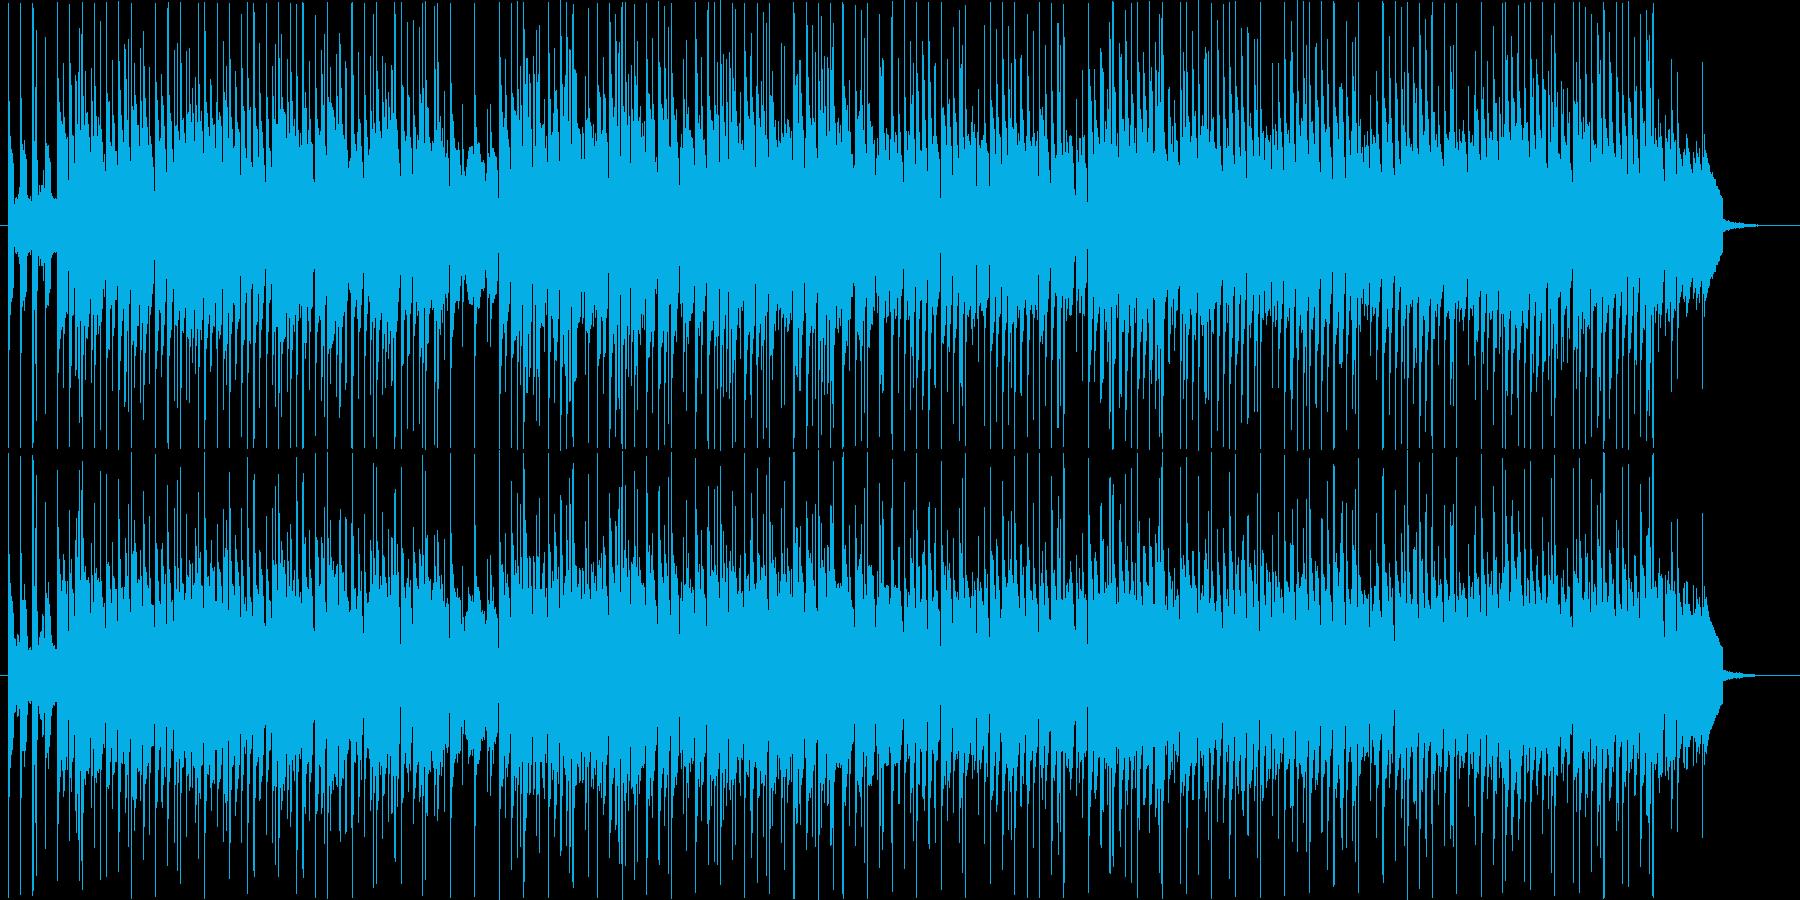 ほのぼの・日常・ほんわか・とぼけたBGMの再生済みの波形